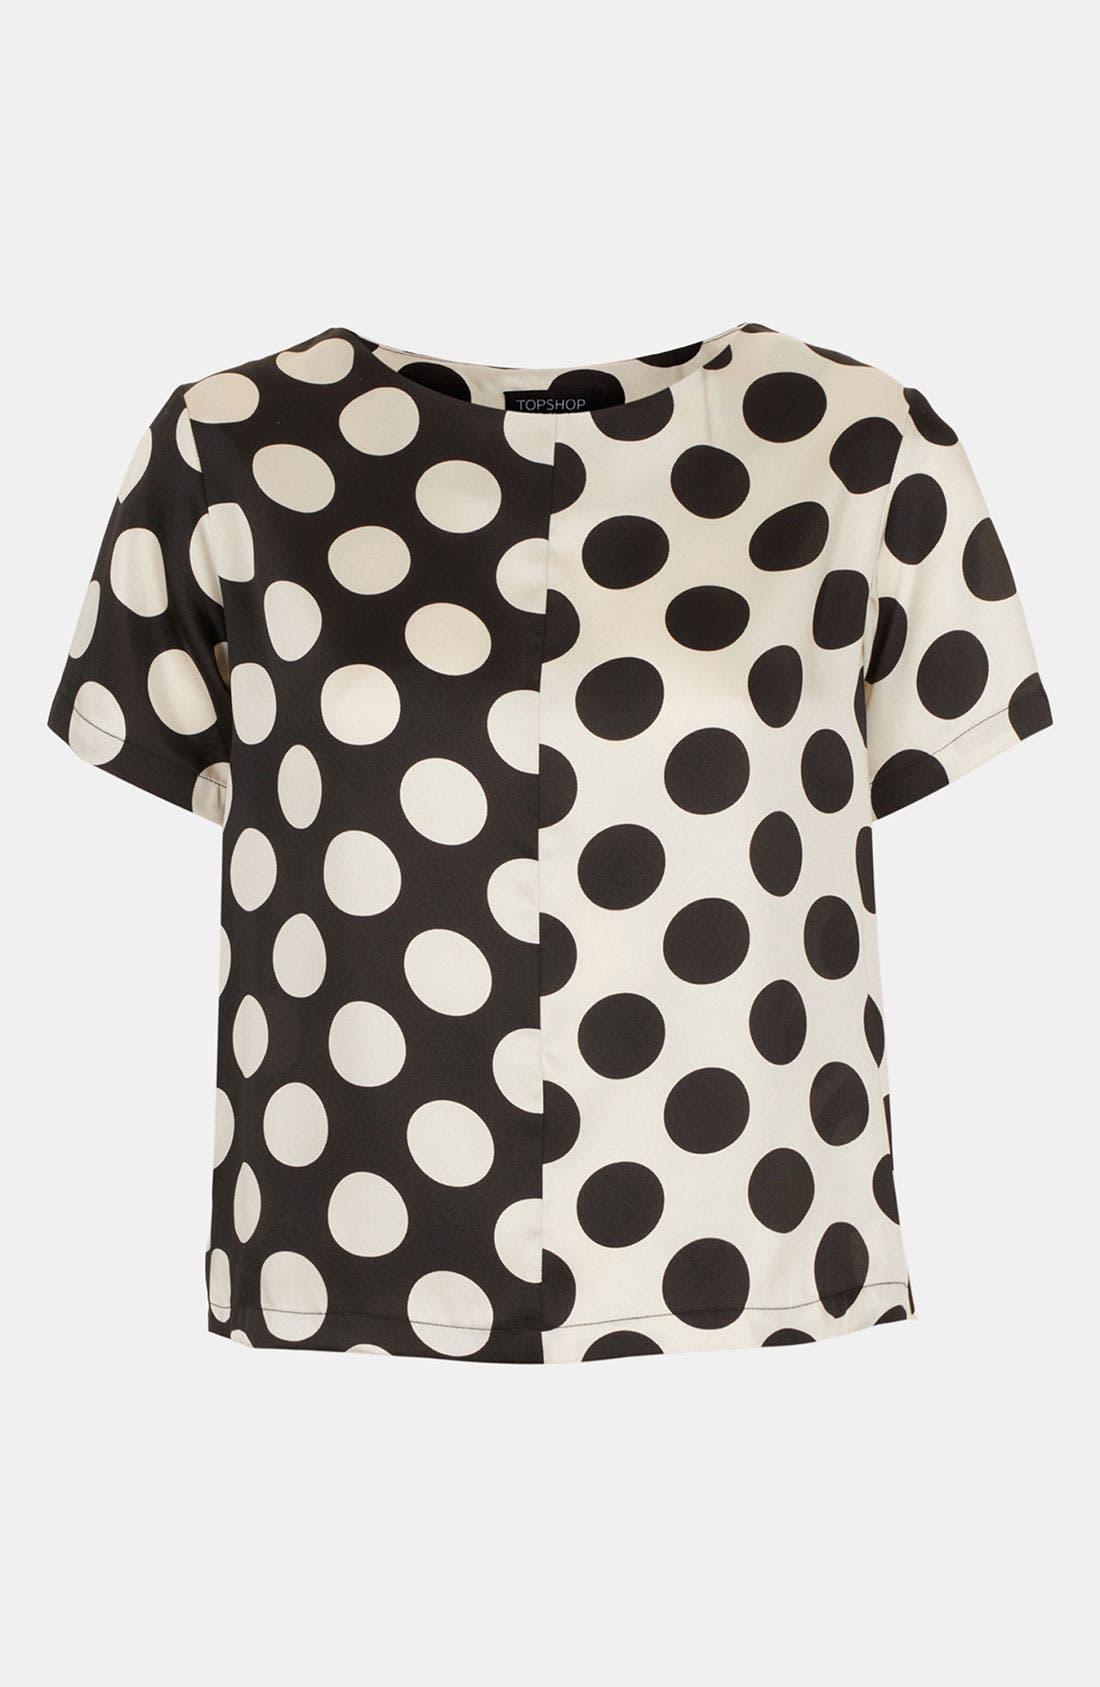 'Half & Half' Polka Dot Tee, Main, color, 001